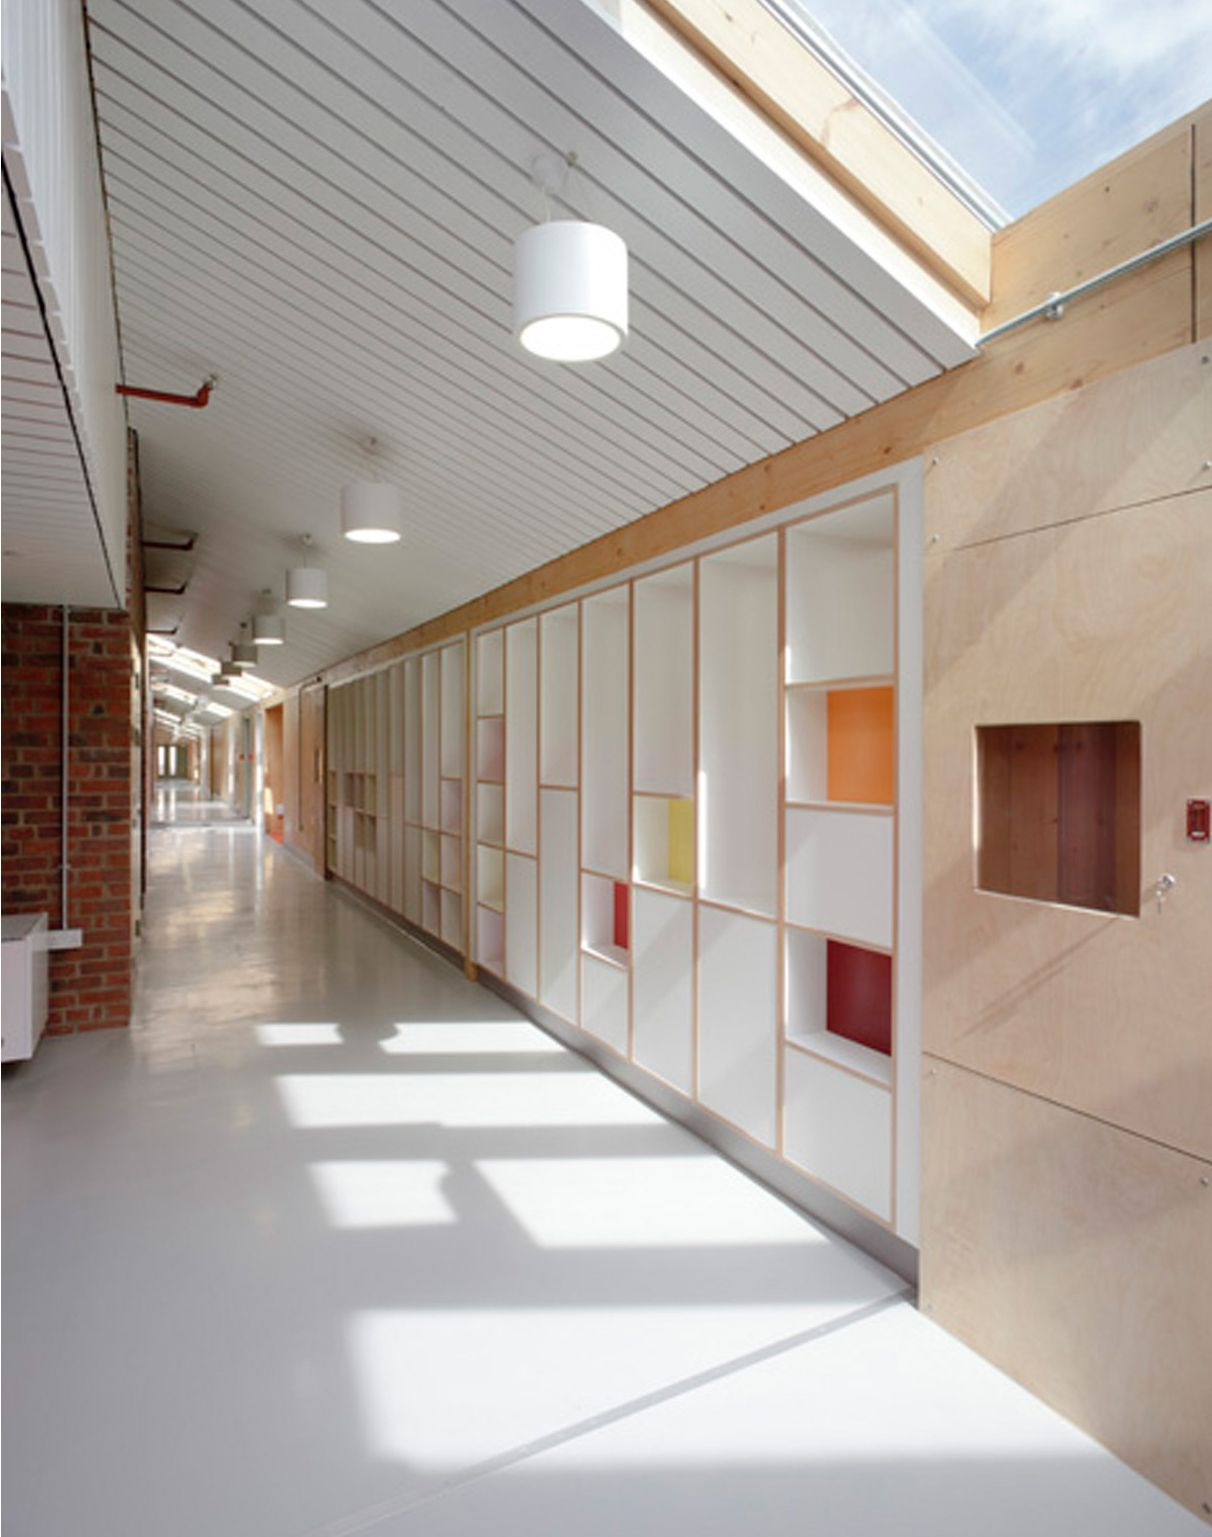 Classroom corridor architecture google search - Architecture and interior design schools ...